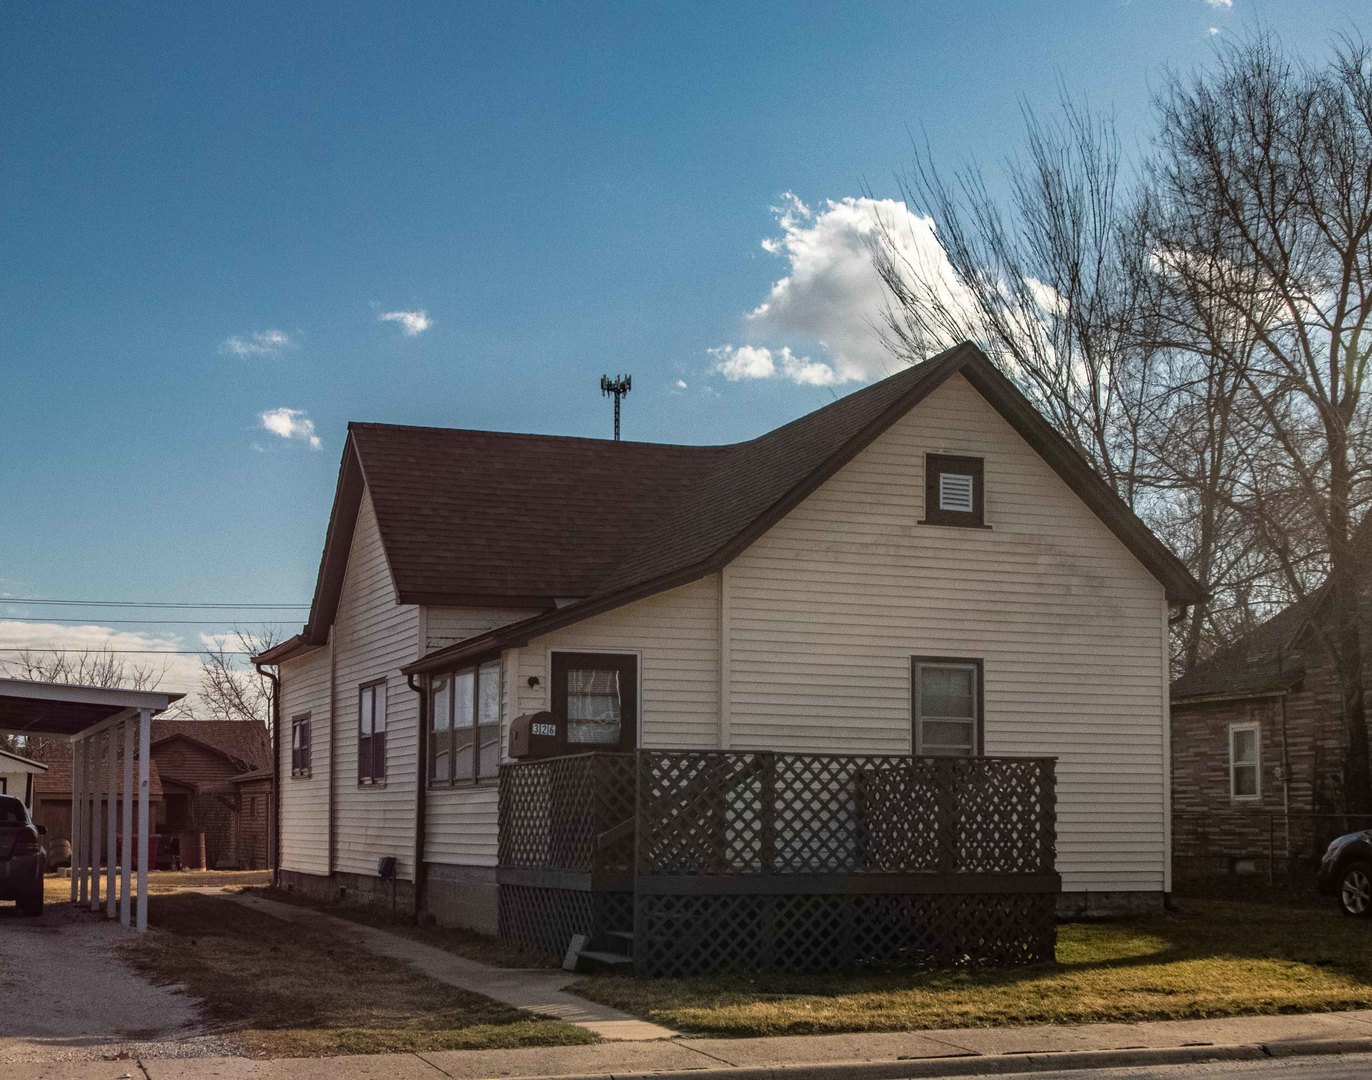 326 Main ,Westville, Illinois 61883